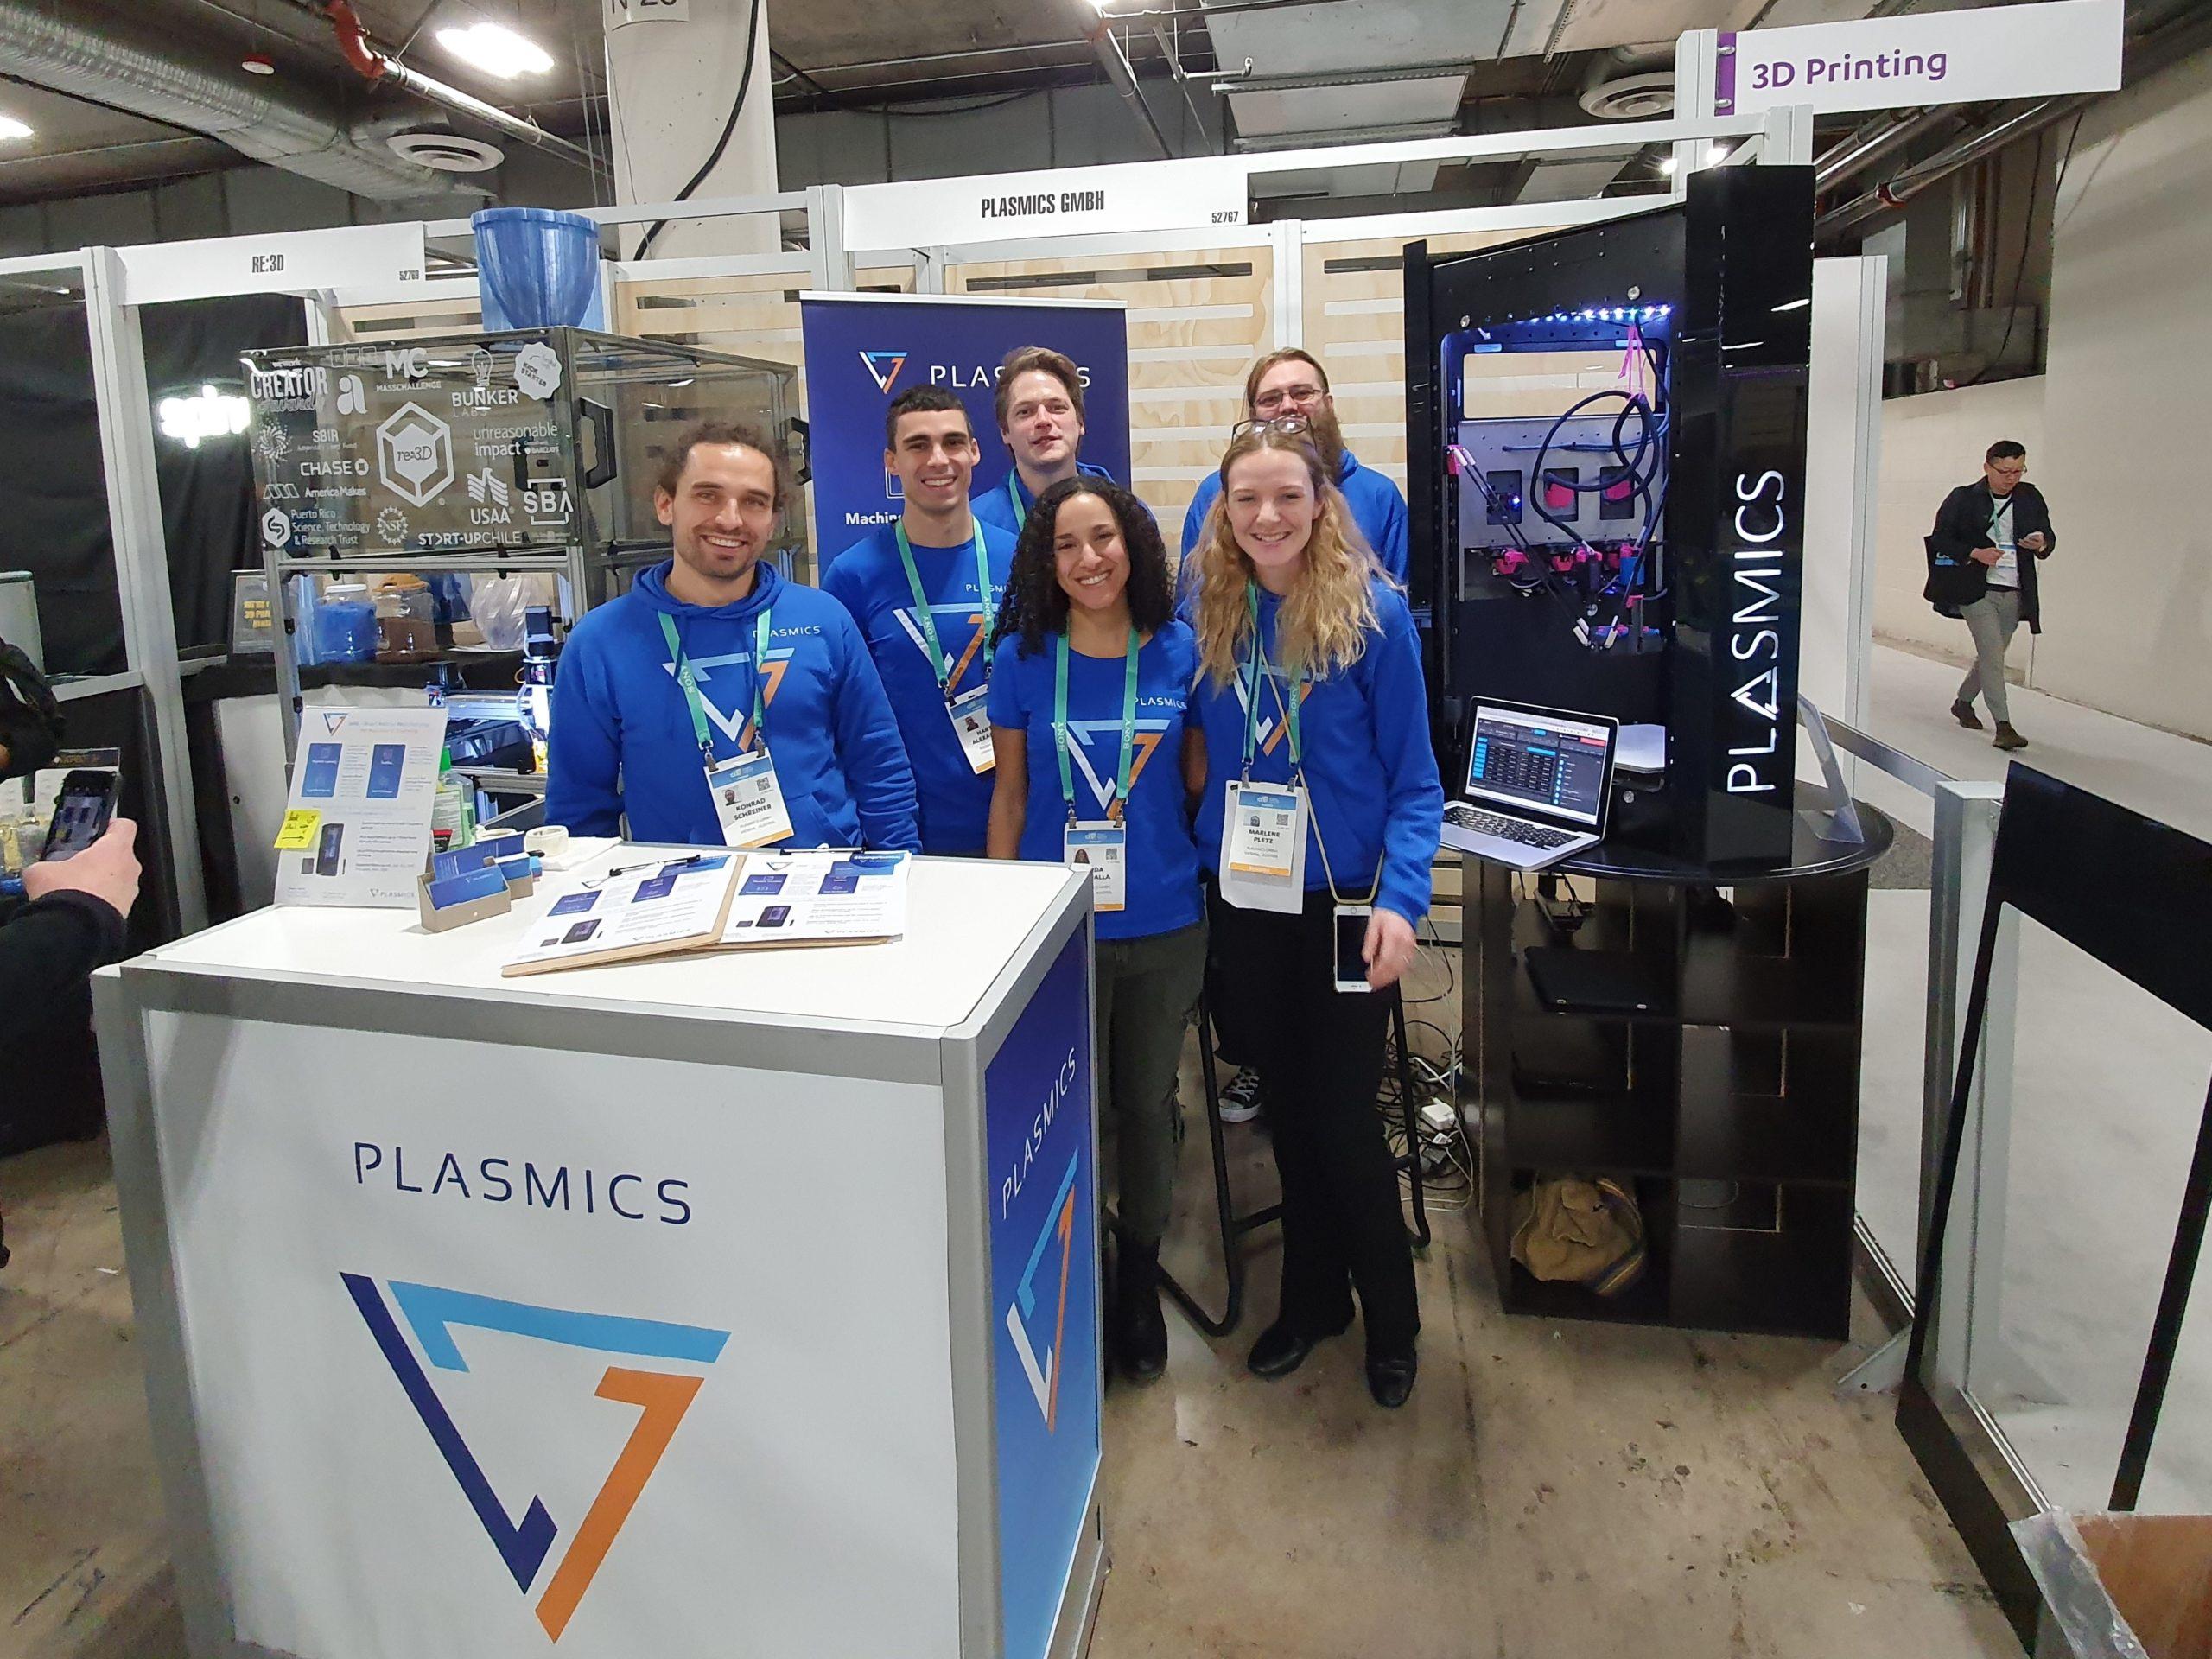 Plasmics: Das Team des 3D-Druck-Startups